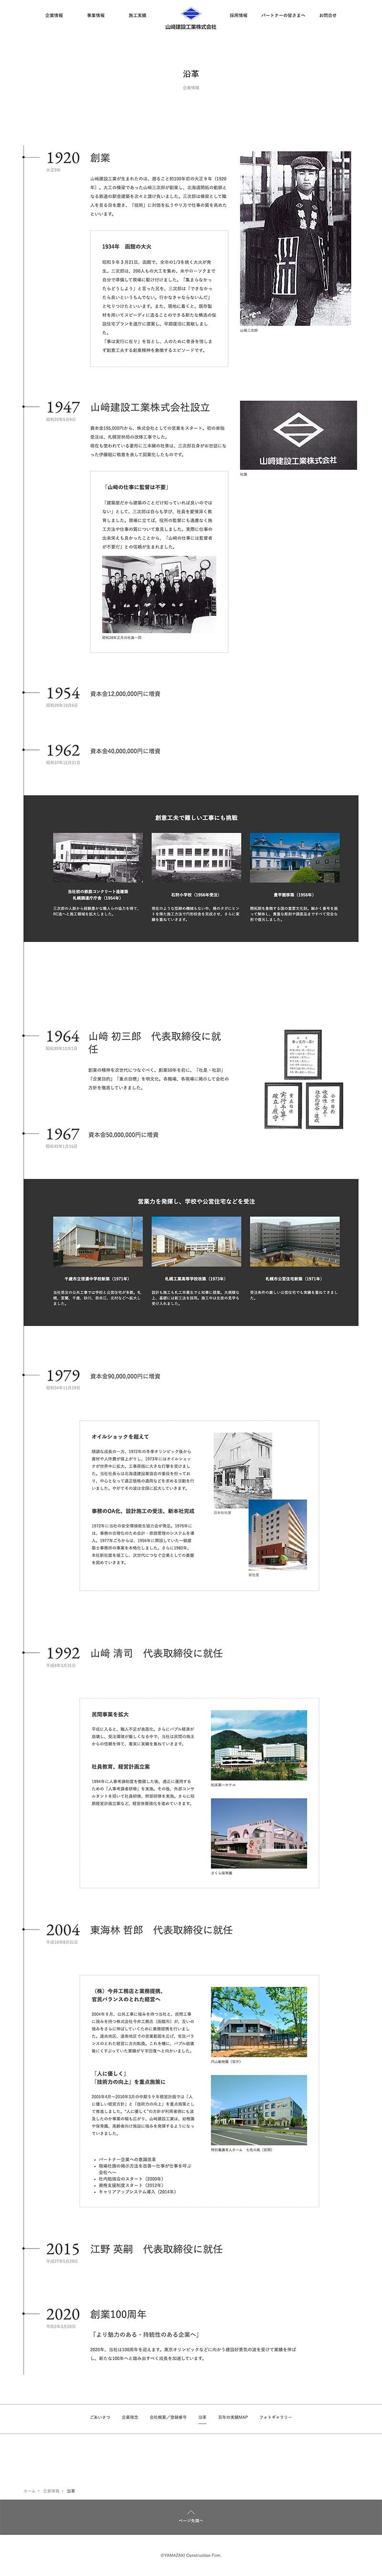 山﨑建設工業株式会社様・Webサイト